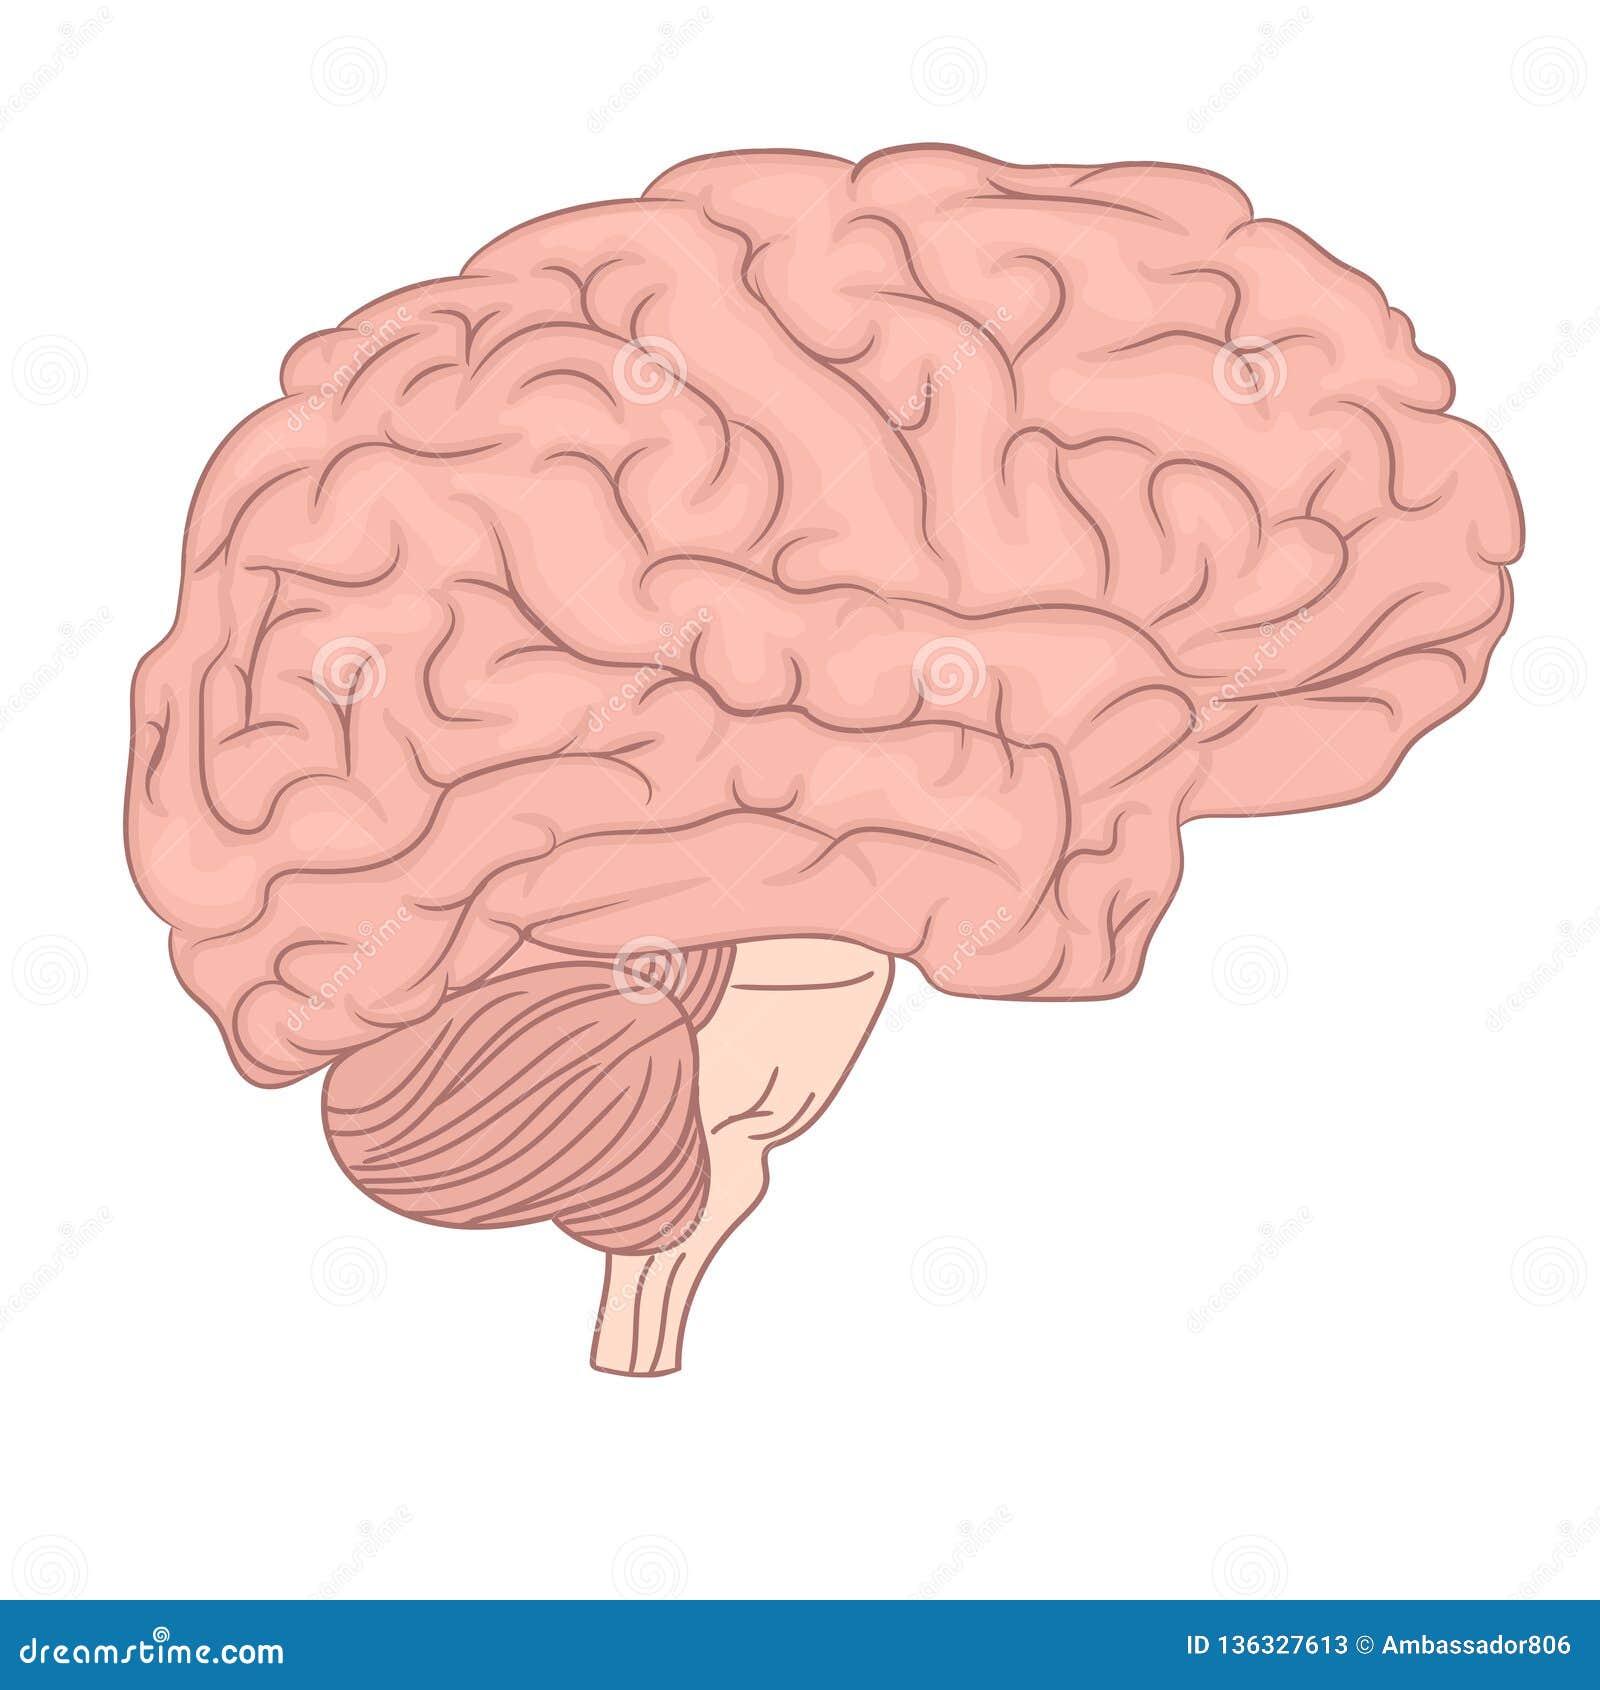 Human Brain Organ Parts Anatomy Diagram Colorful Design Manual Guide